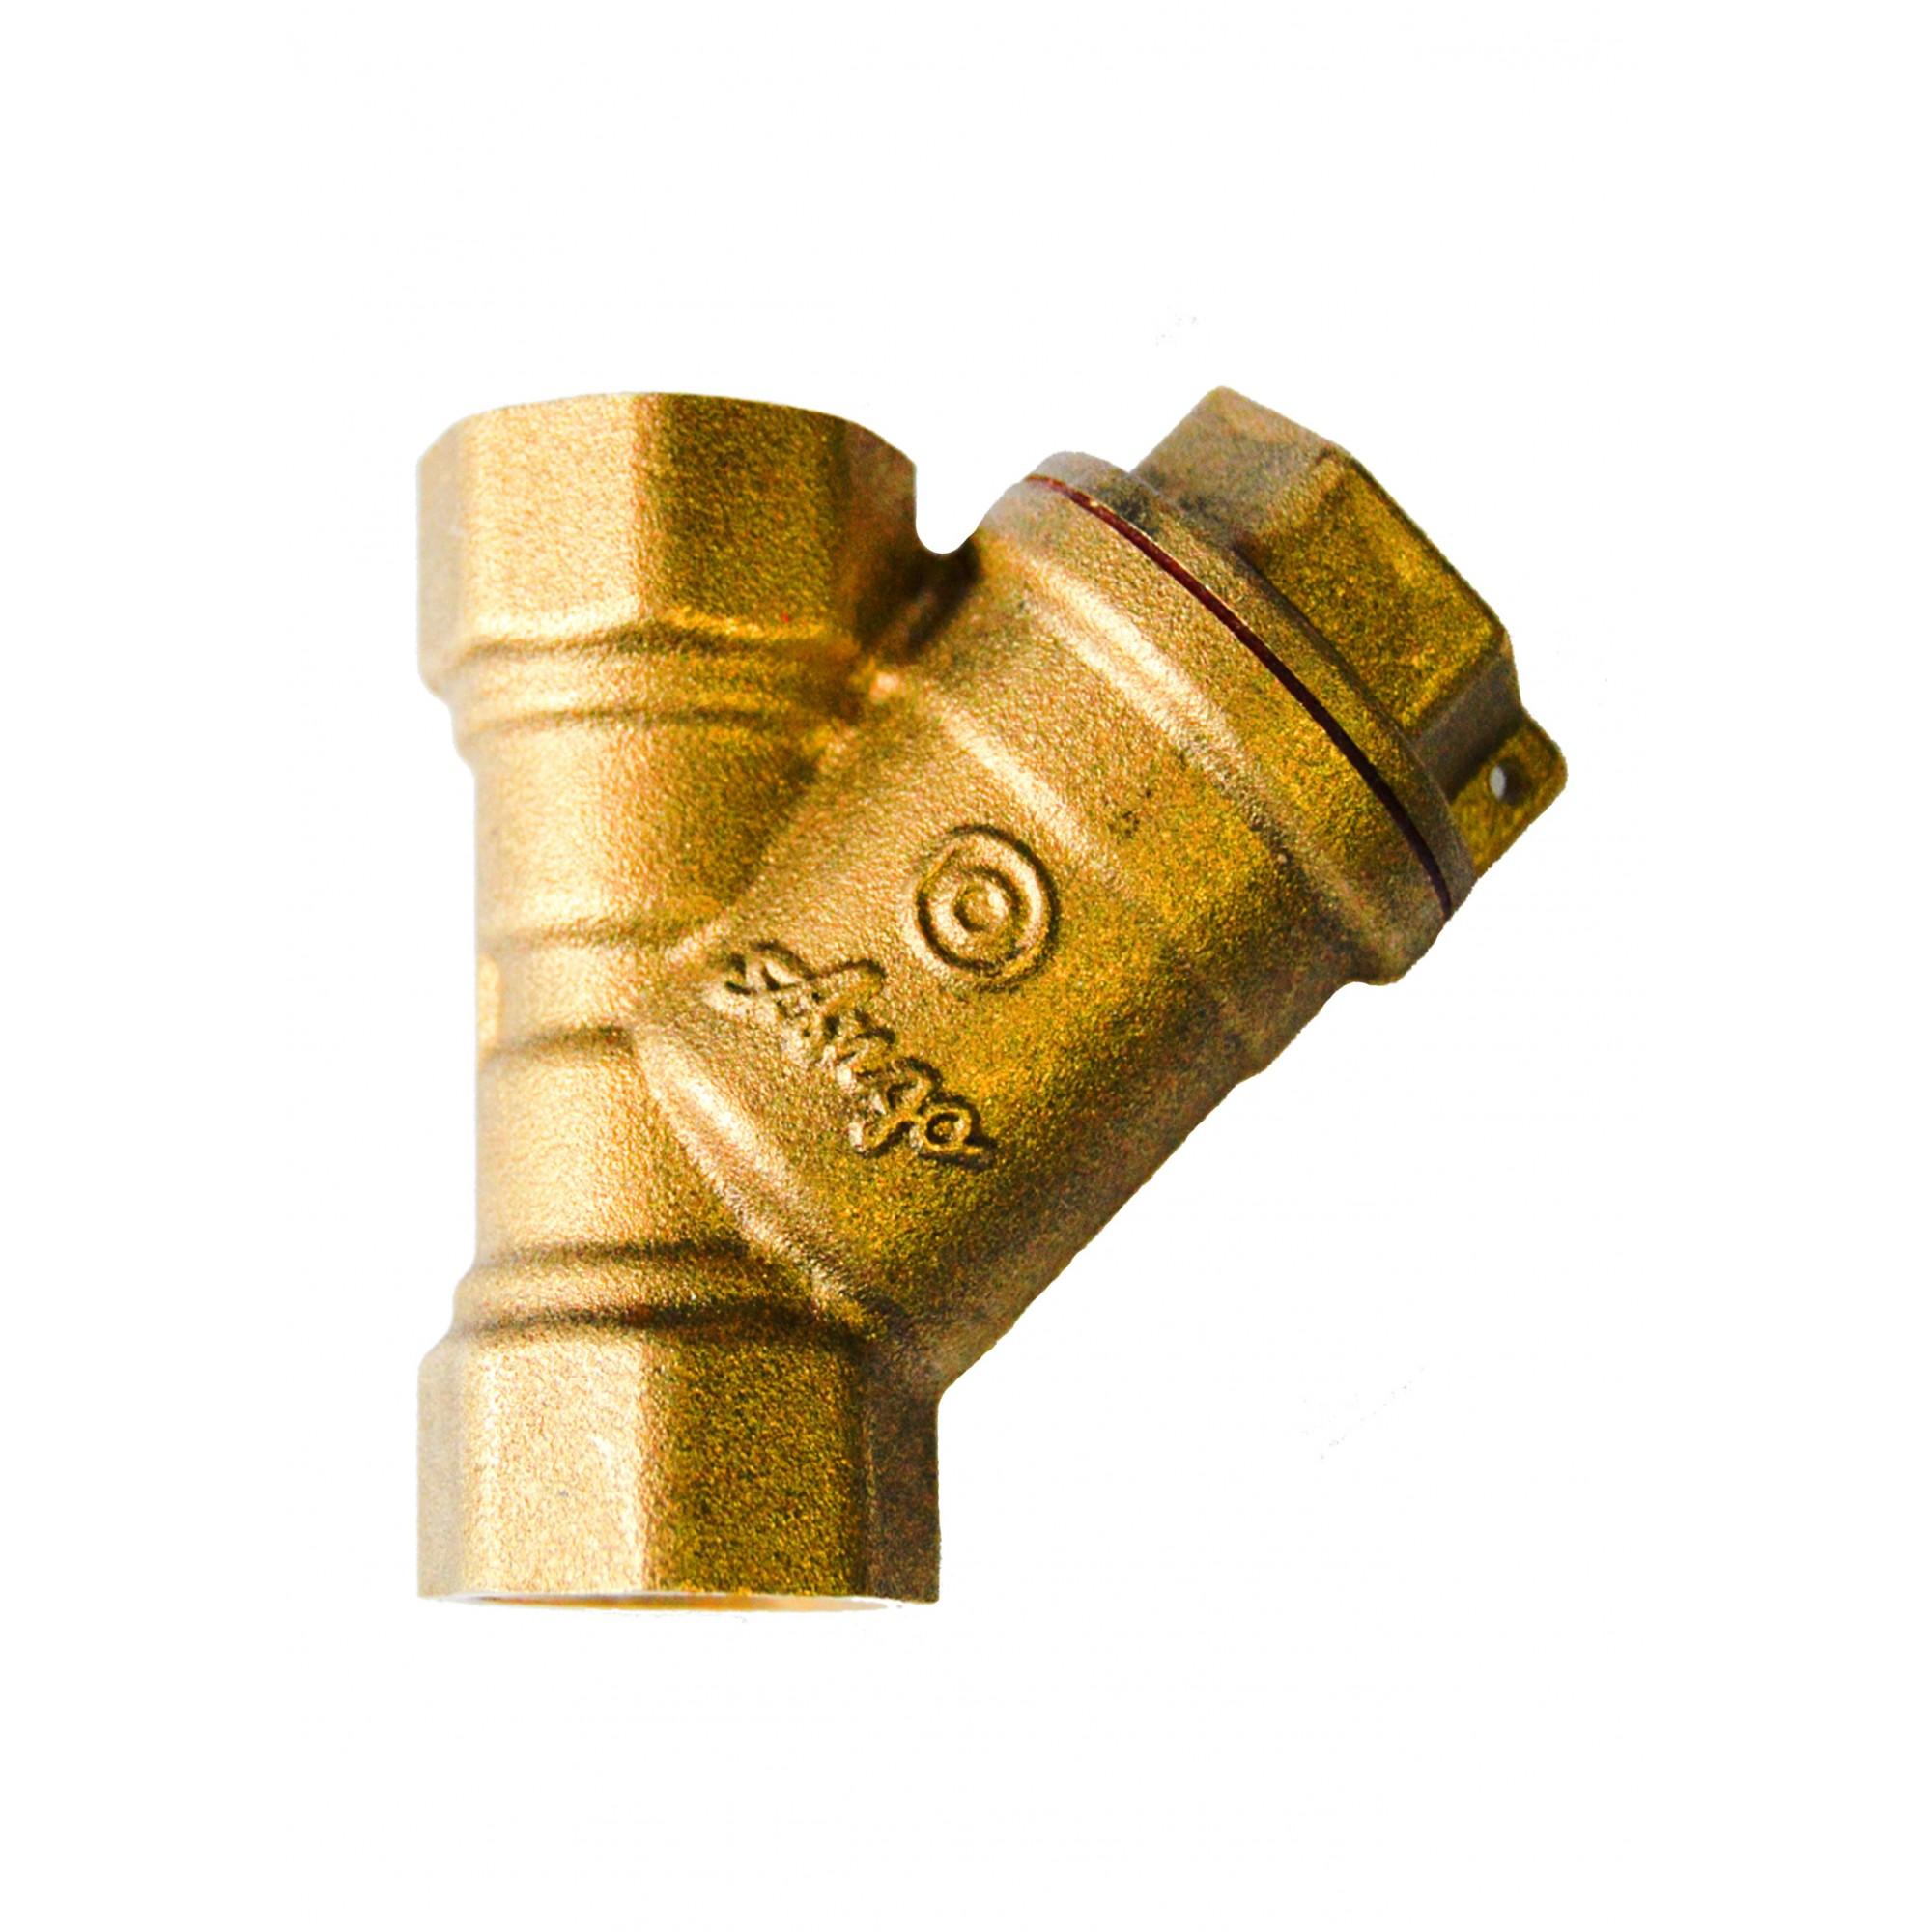 Фильтр грубой очистки 1 1/4'' ANGO усиленный ANGO - 1